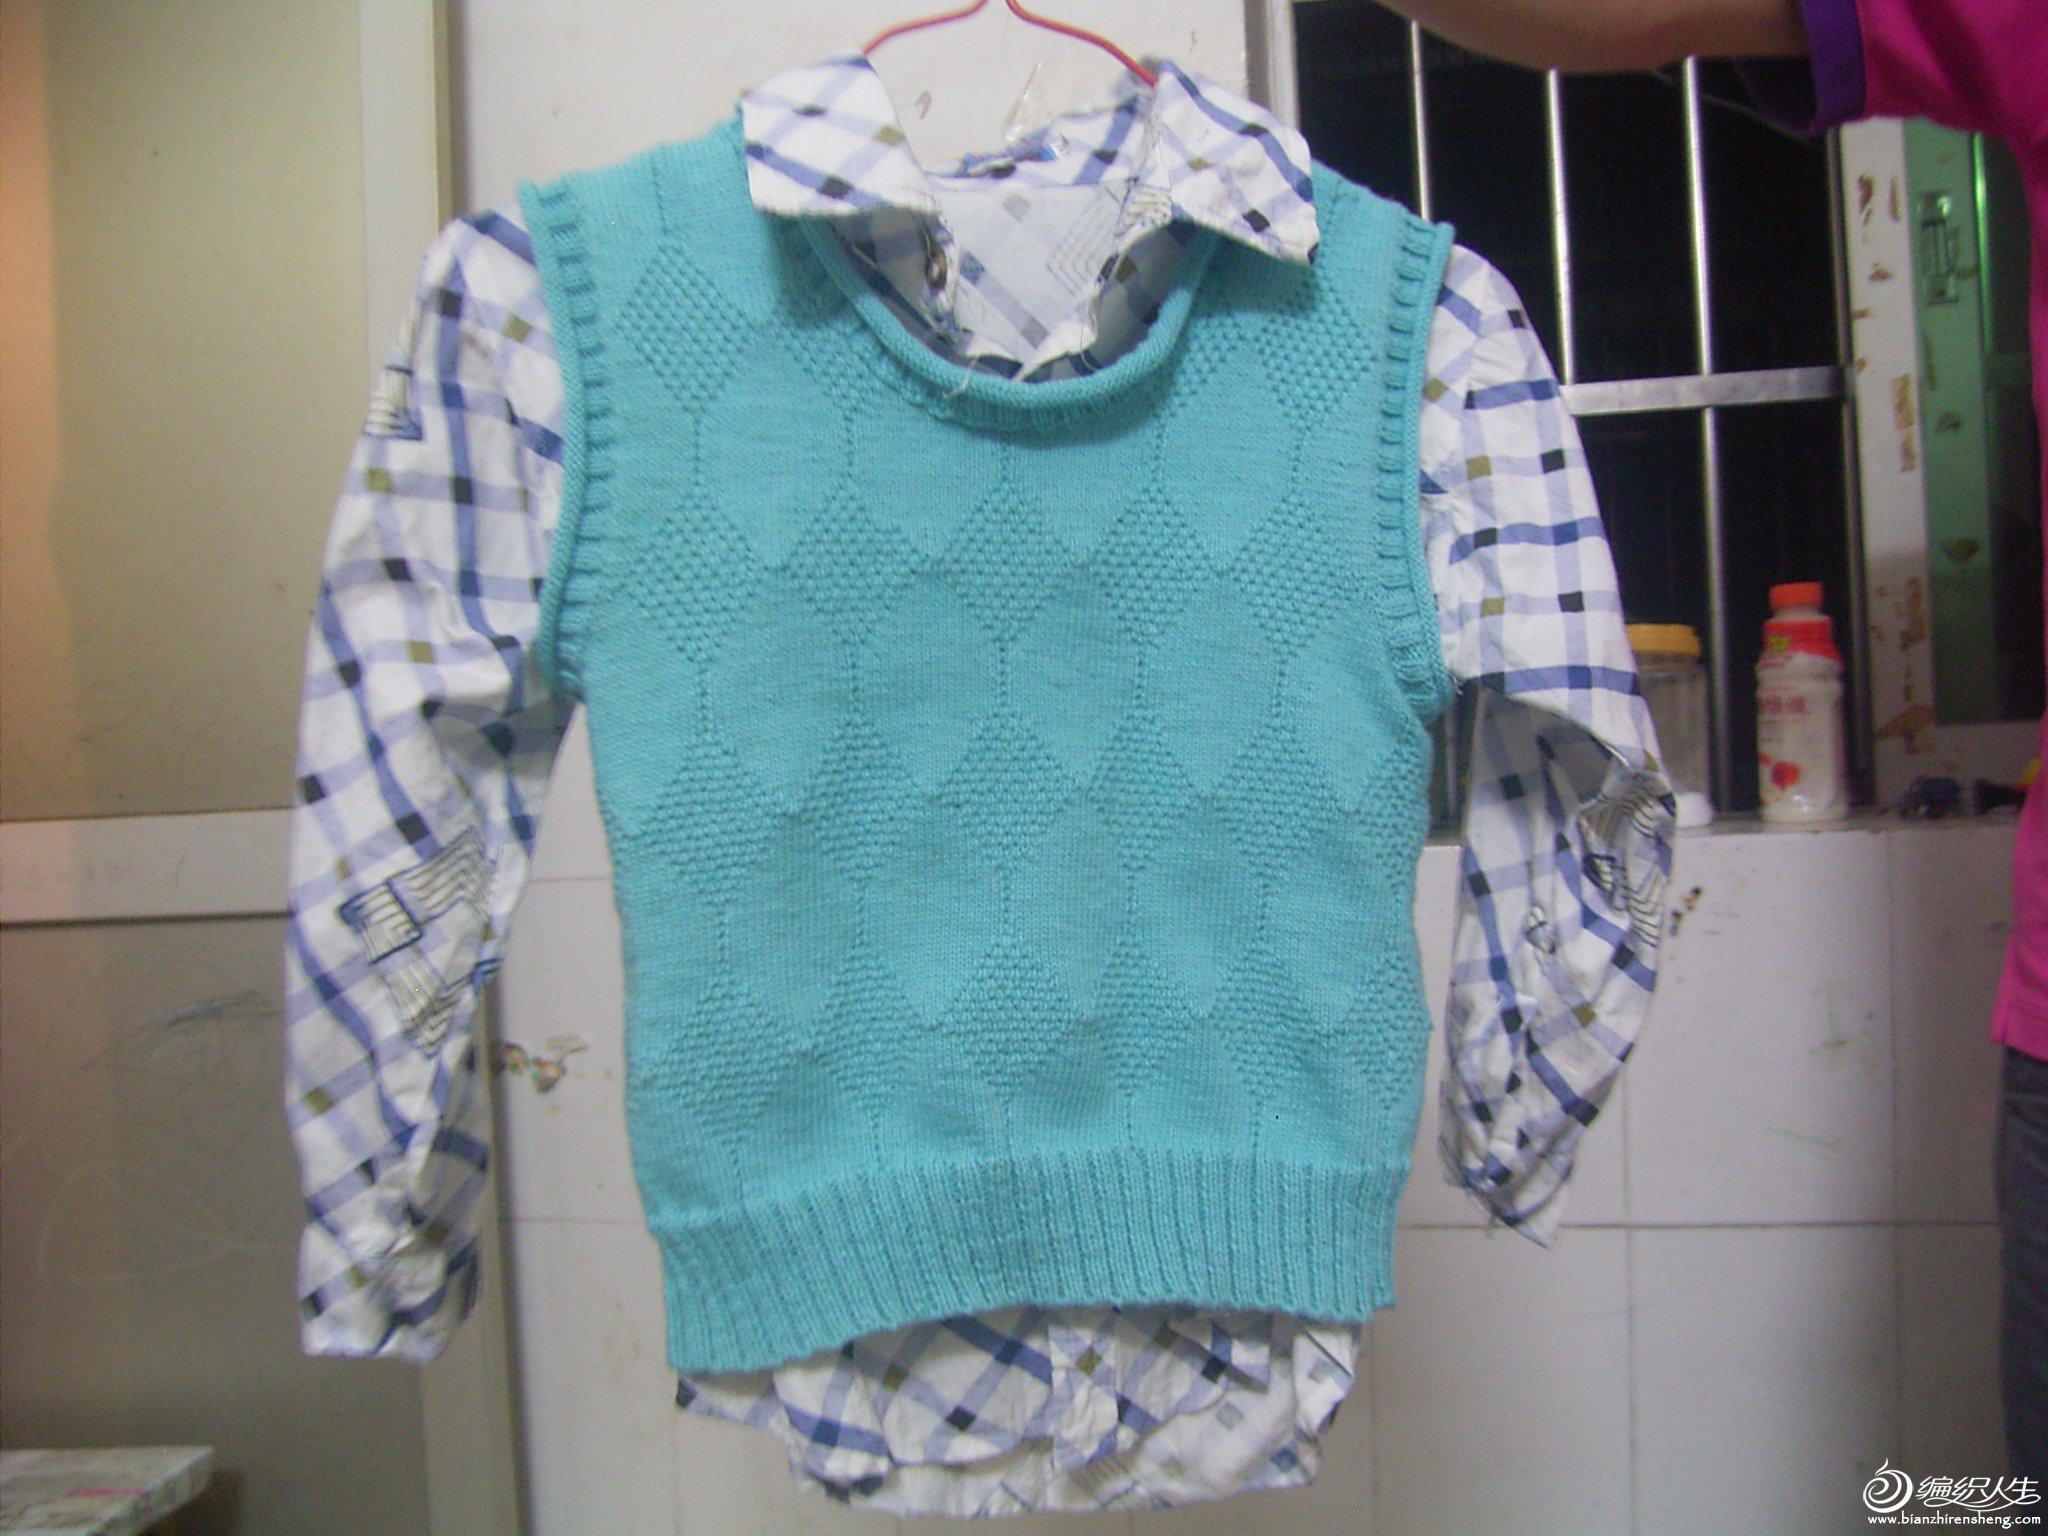 """孩子他爸提着衣服让儿子拍照。。哈哈,儿子说:""""妈妈你给我织的衣服真漂亮,但还是我照的更漂亮!"""""""